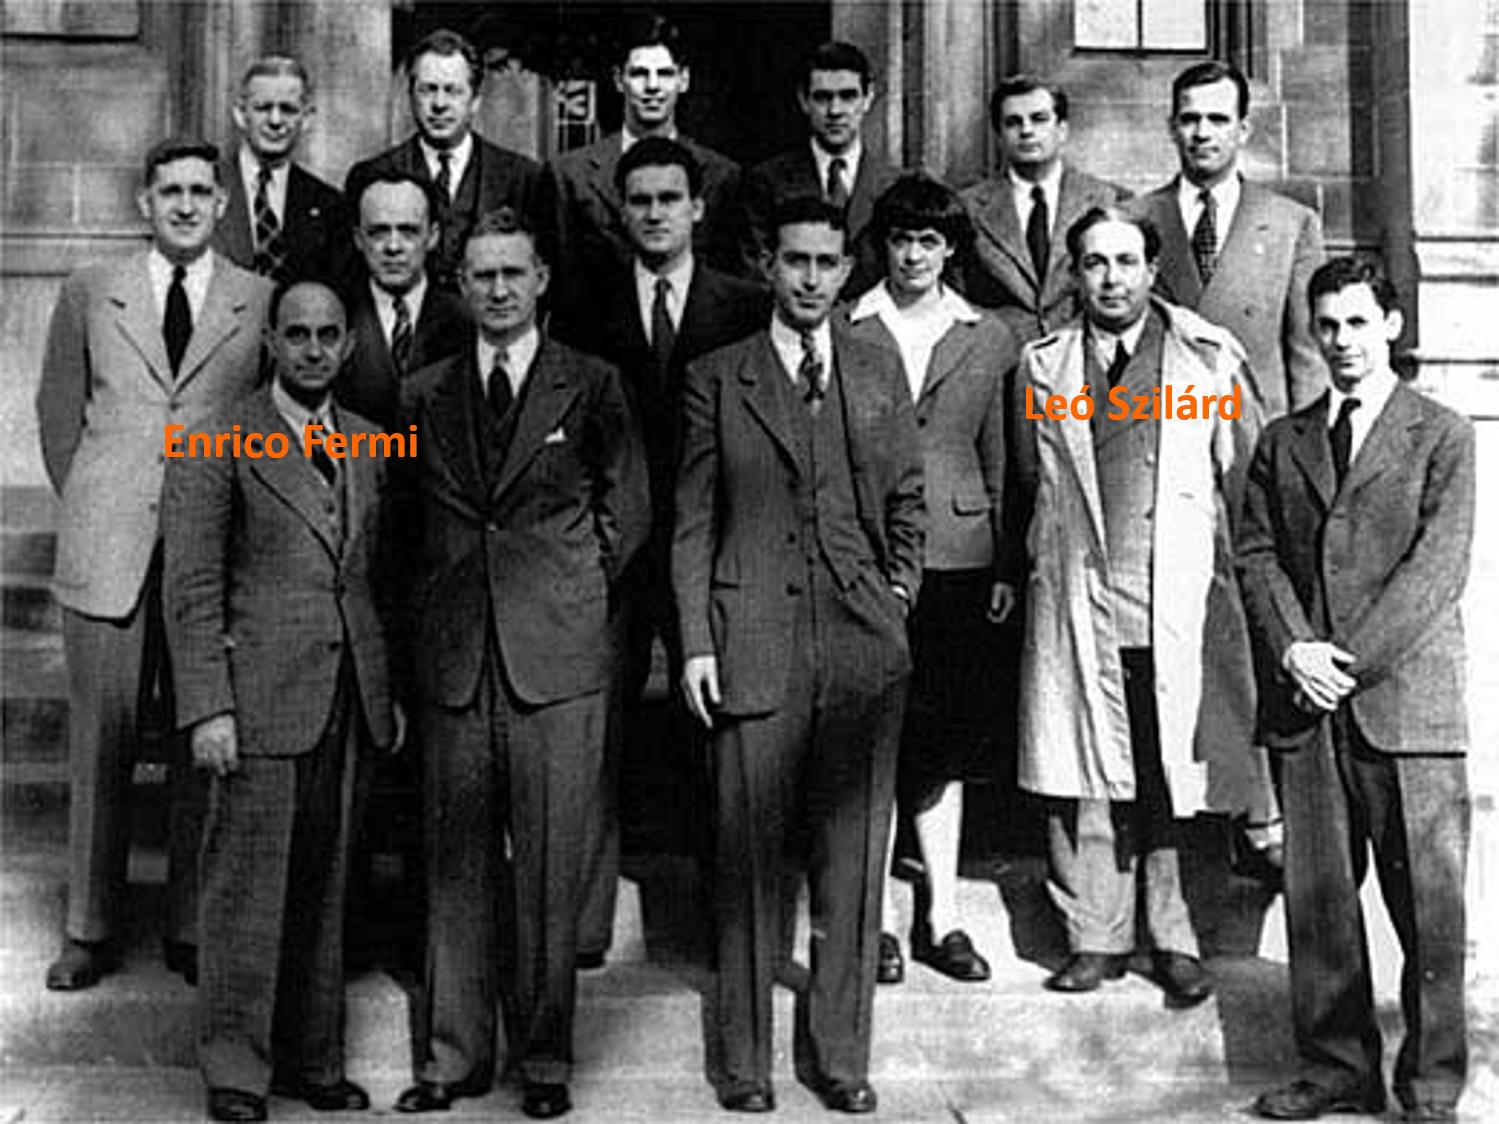 Enrico Fermi y Leó Szilárd